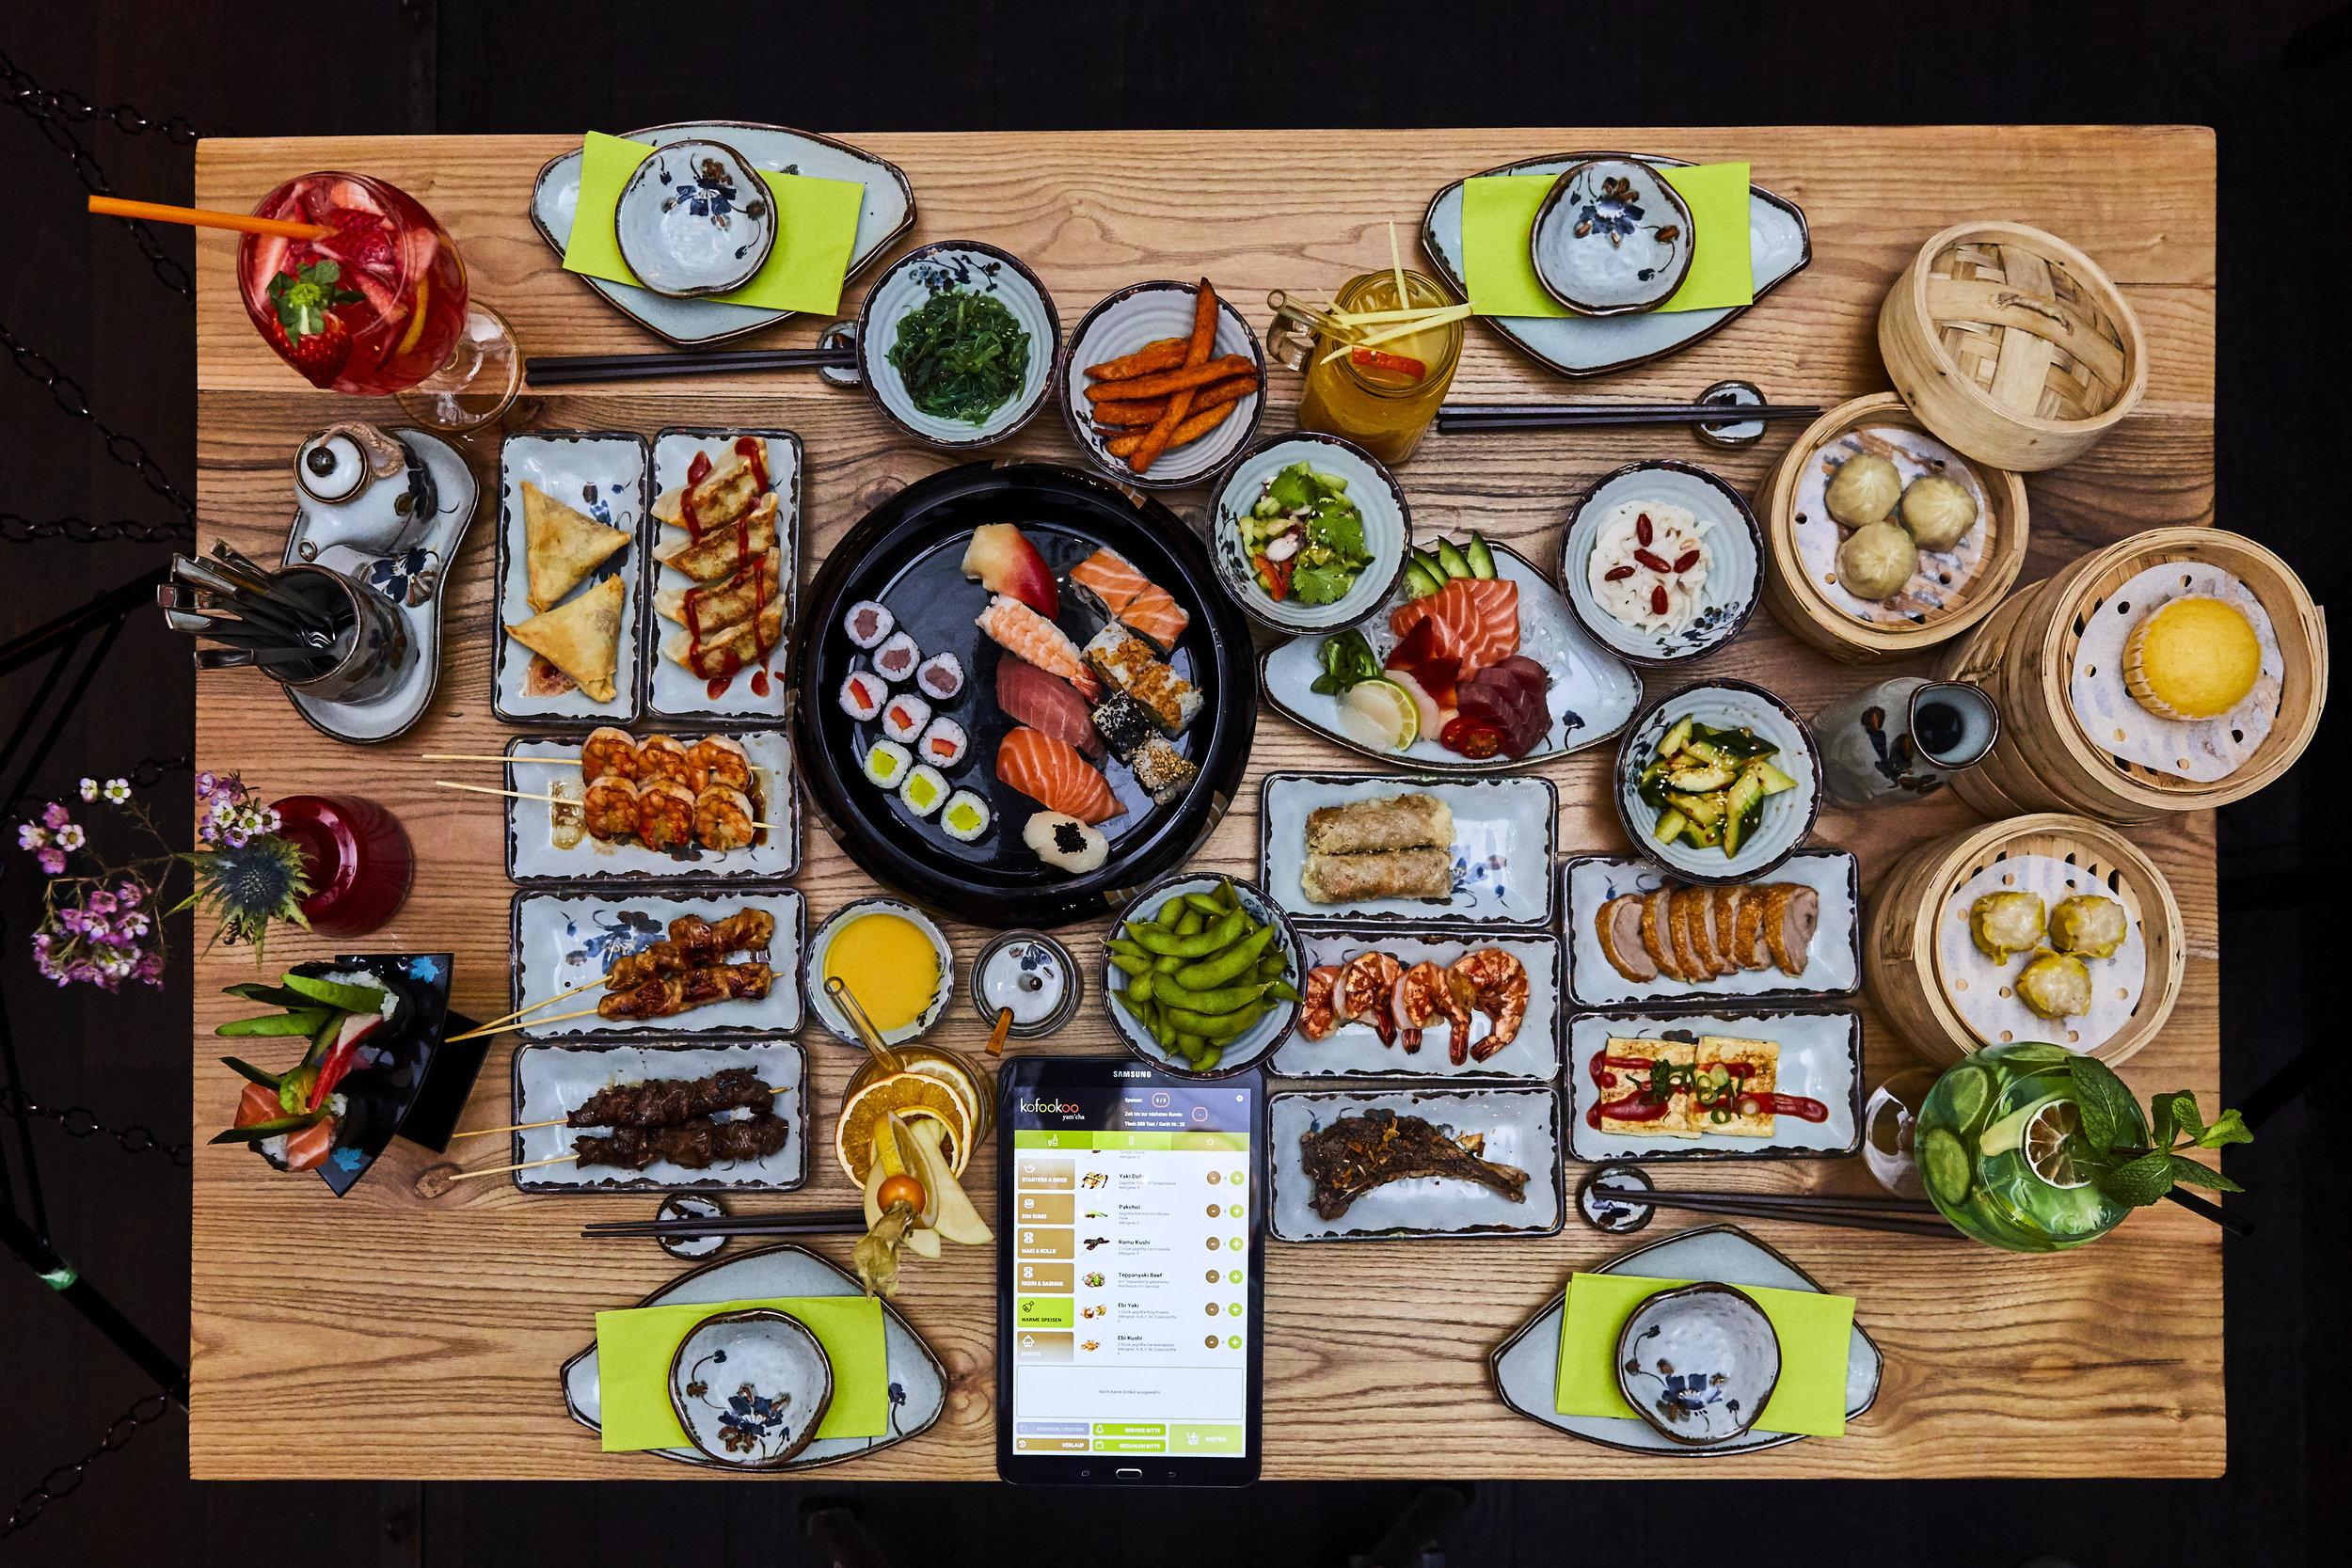 All You Can Enjoy - Unser All You Can Enjoy Menüangebot umfasst eine große Auswahl aus etwa 150 verschiedenen asiatischen Speisen, bestehend aus Sushi, Dim Sum, Grillspezialitäten vom Teppangrill, frittierten Gerichten, Wokgerichten, Suppen, Salaten und verschiedenen asiatische Desserts.